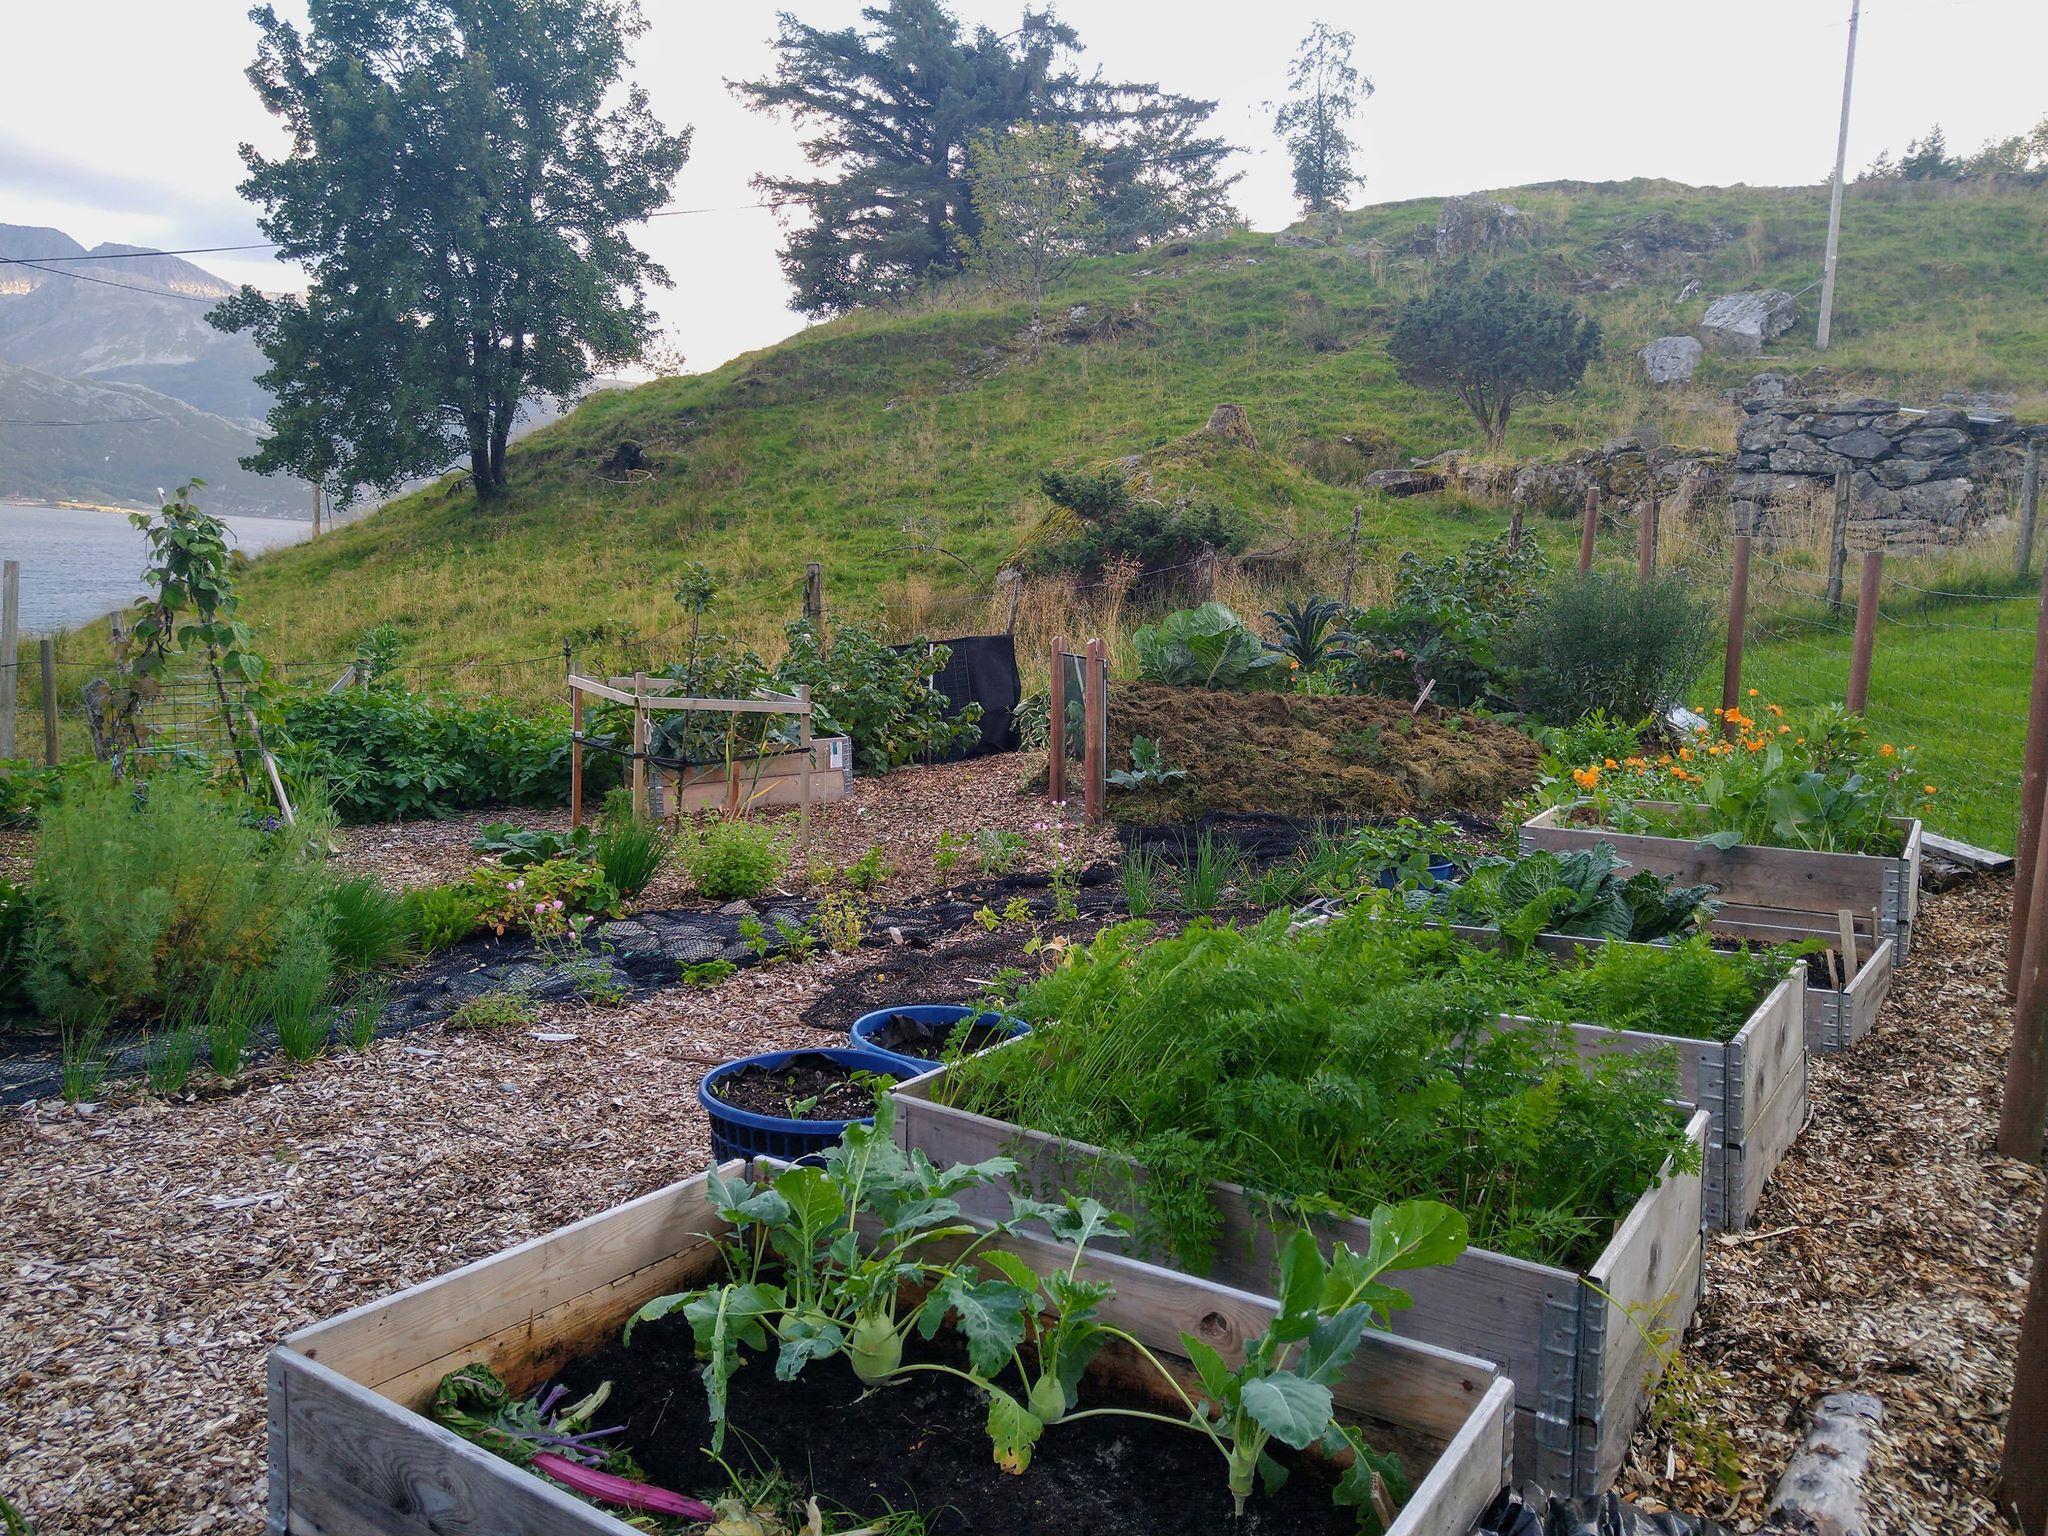 Ved å dyrke i ulike bed får jeg lettere fulgt jordtemperaturutviklingen under ulike forhold.